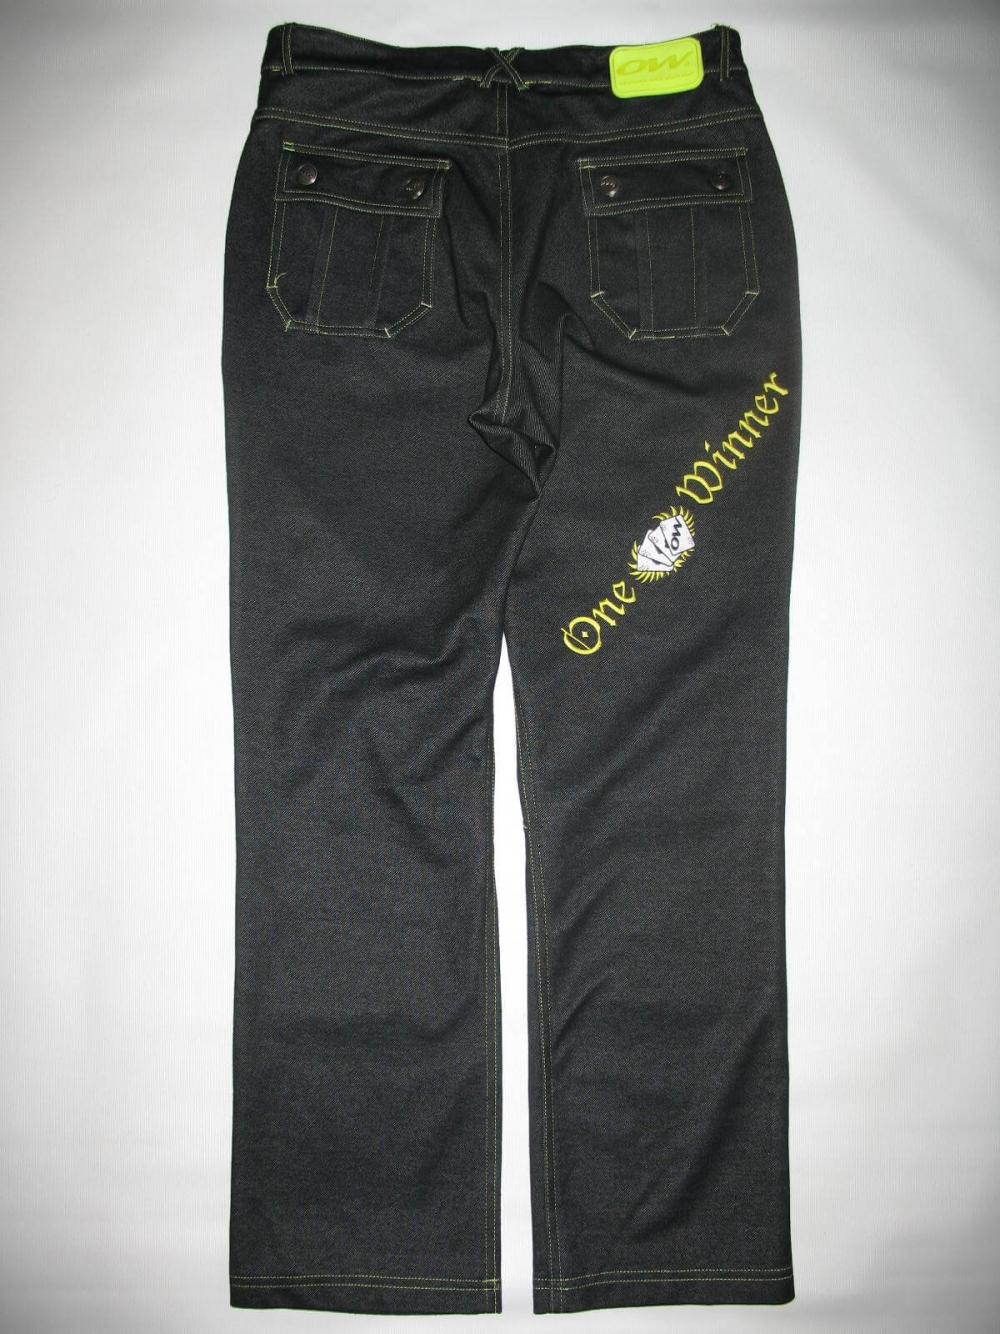 Штаны OW one winner pants (размер М) - 2